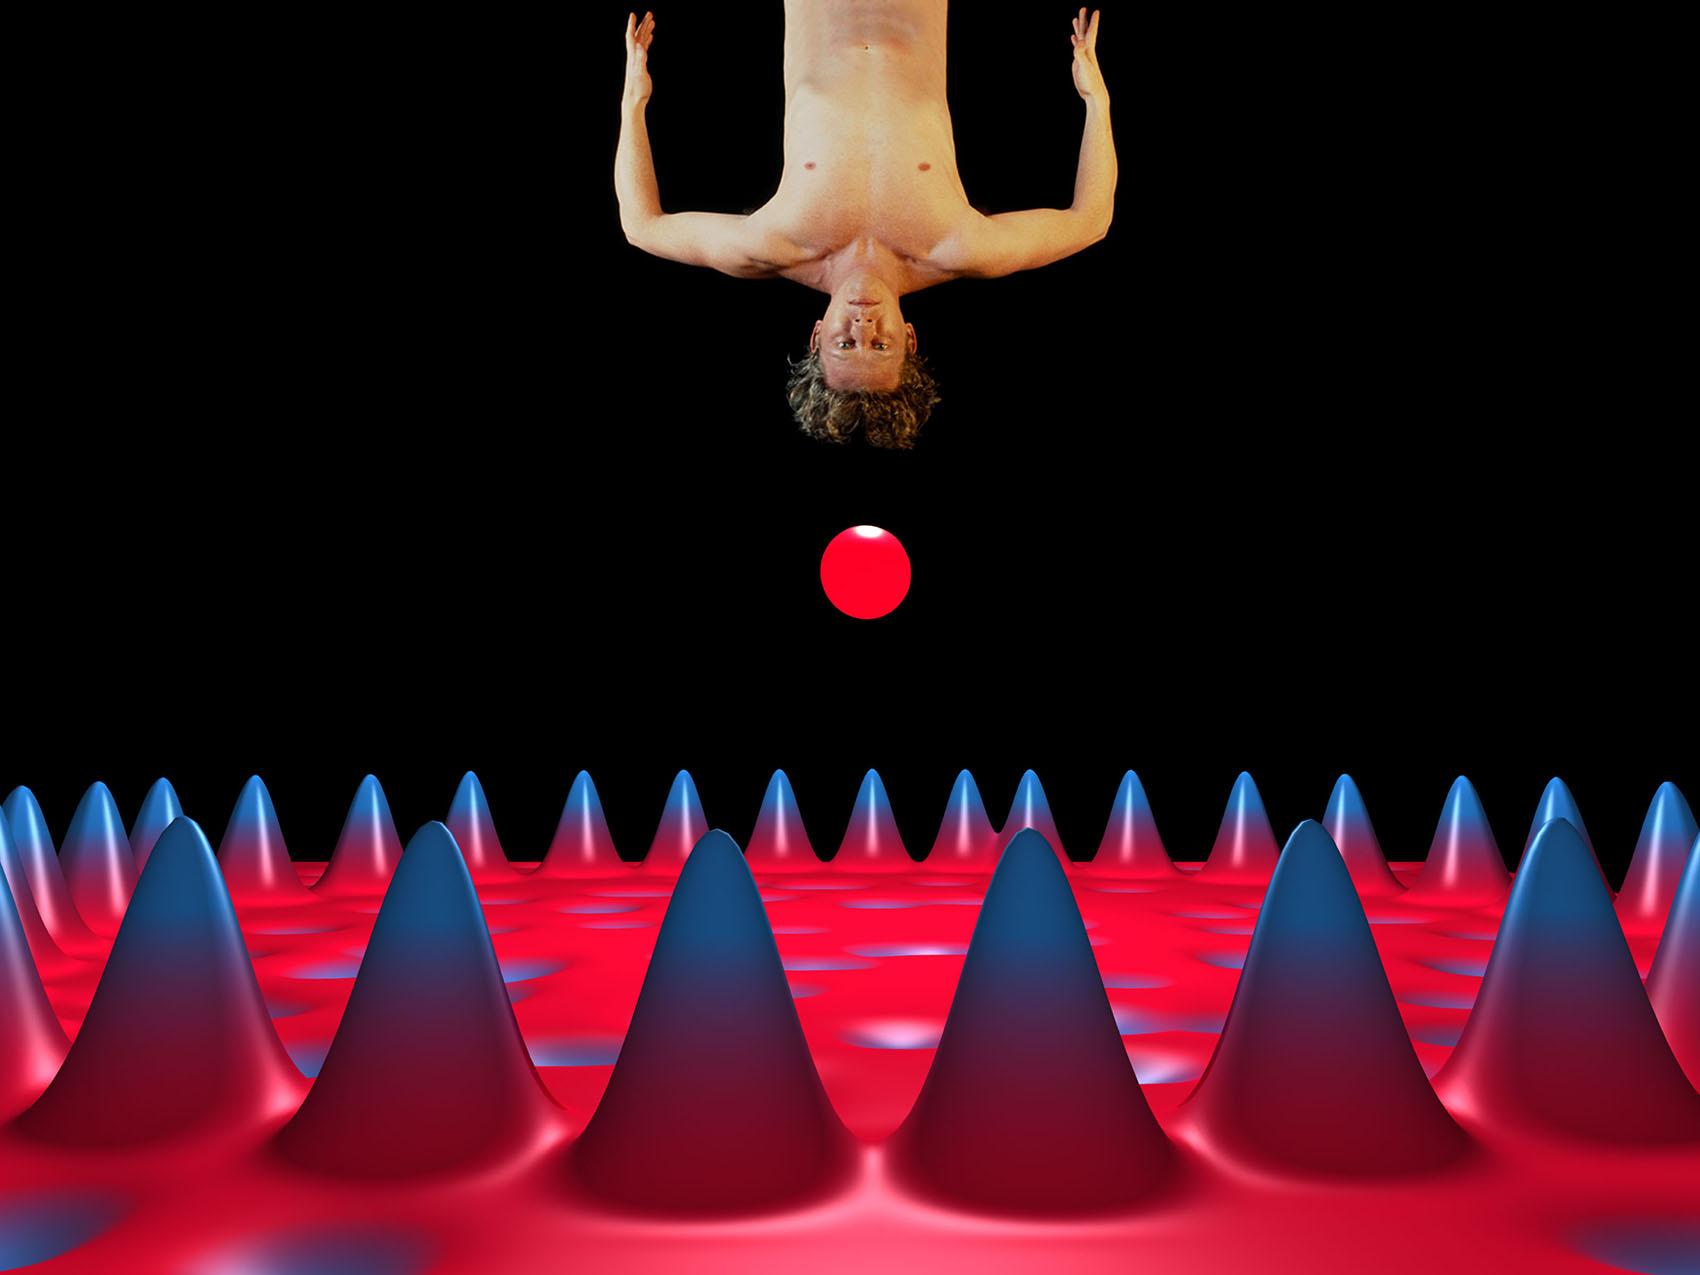 quantum-vacuum:-giuliana-cuneaz-fra-gli-ori-del-museo-puskin-di-mosca